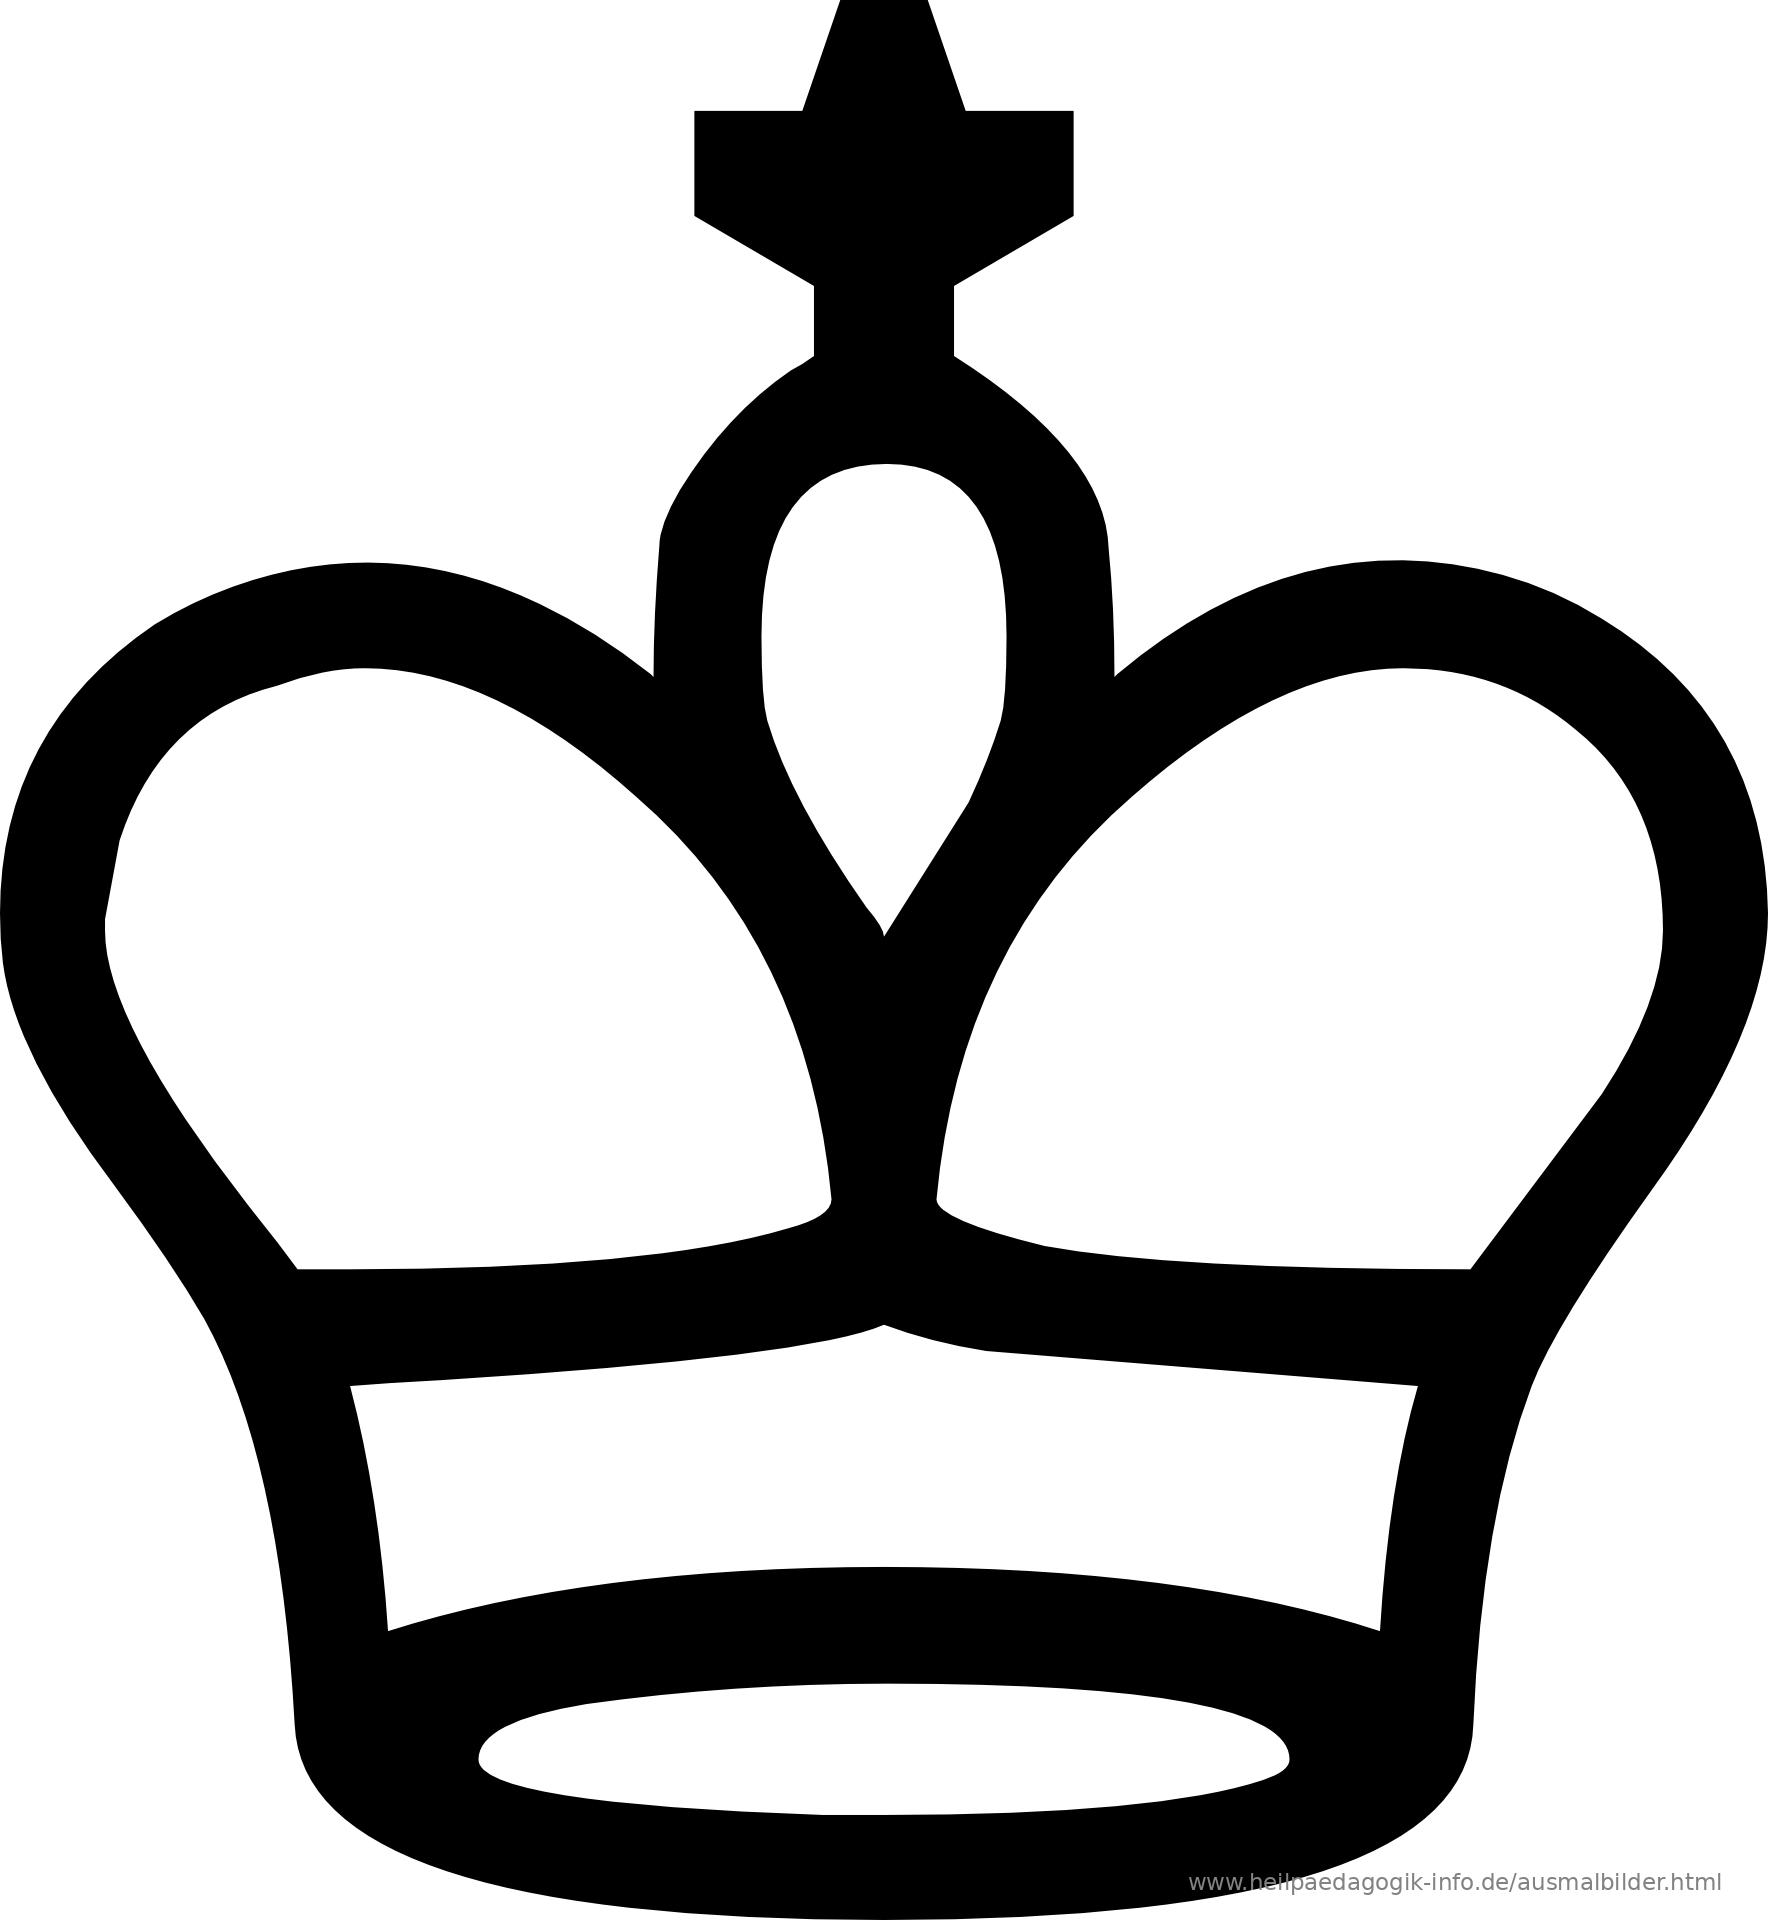 Ausmalbilder Prinzessinnen und Feen